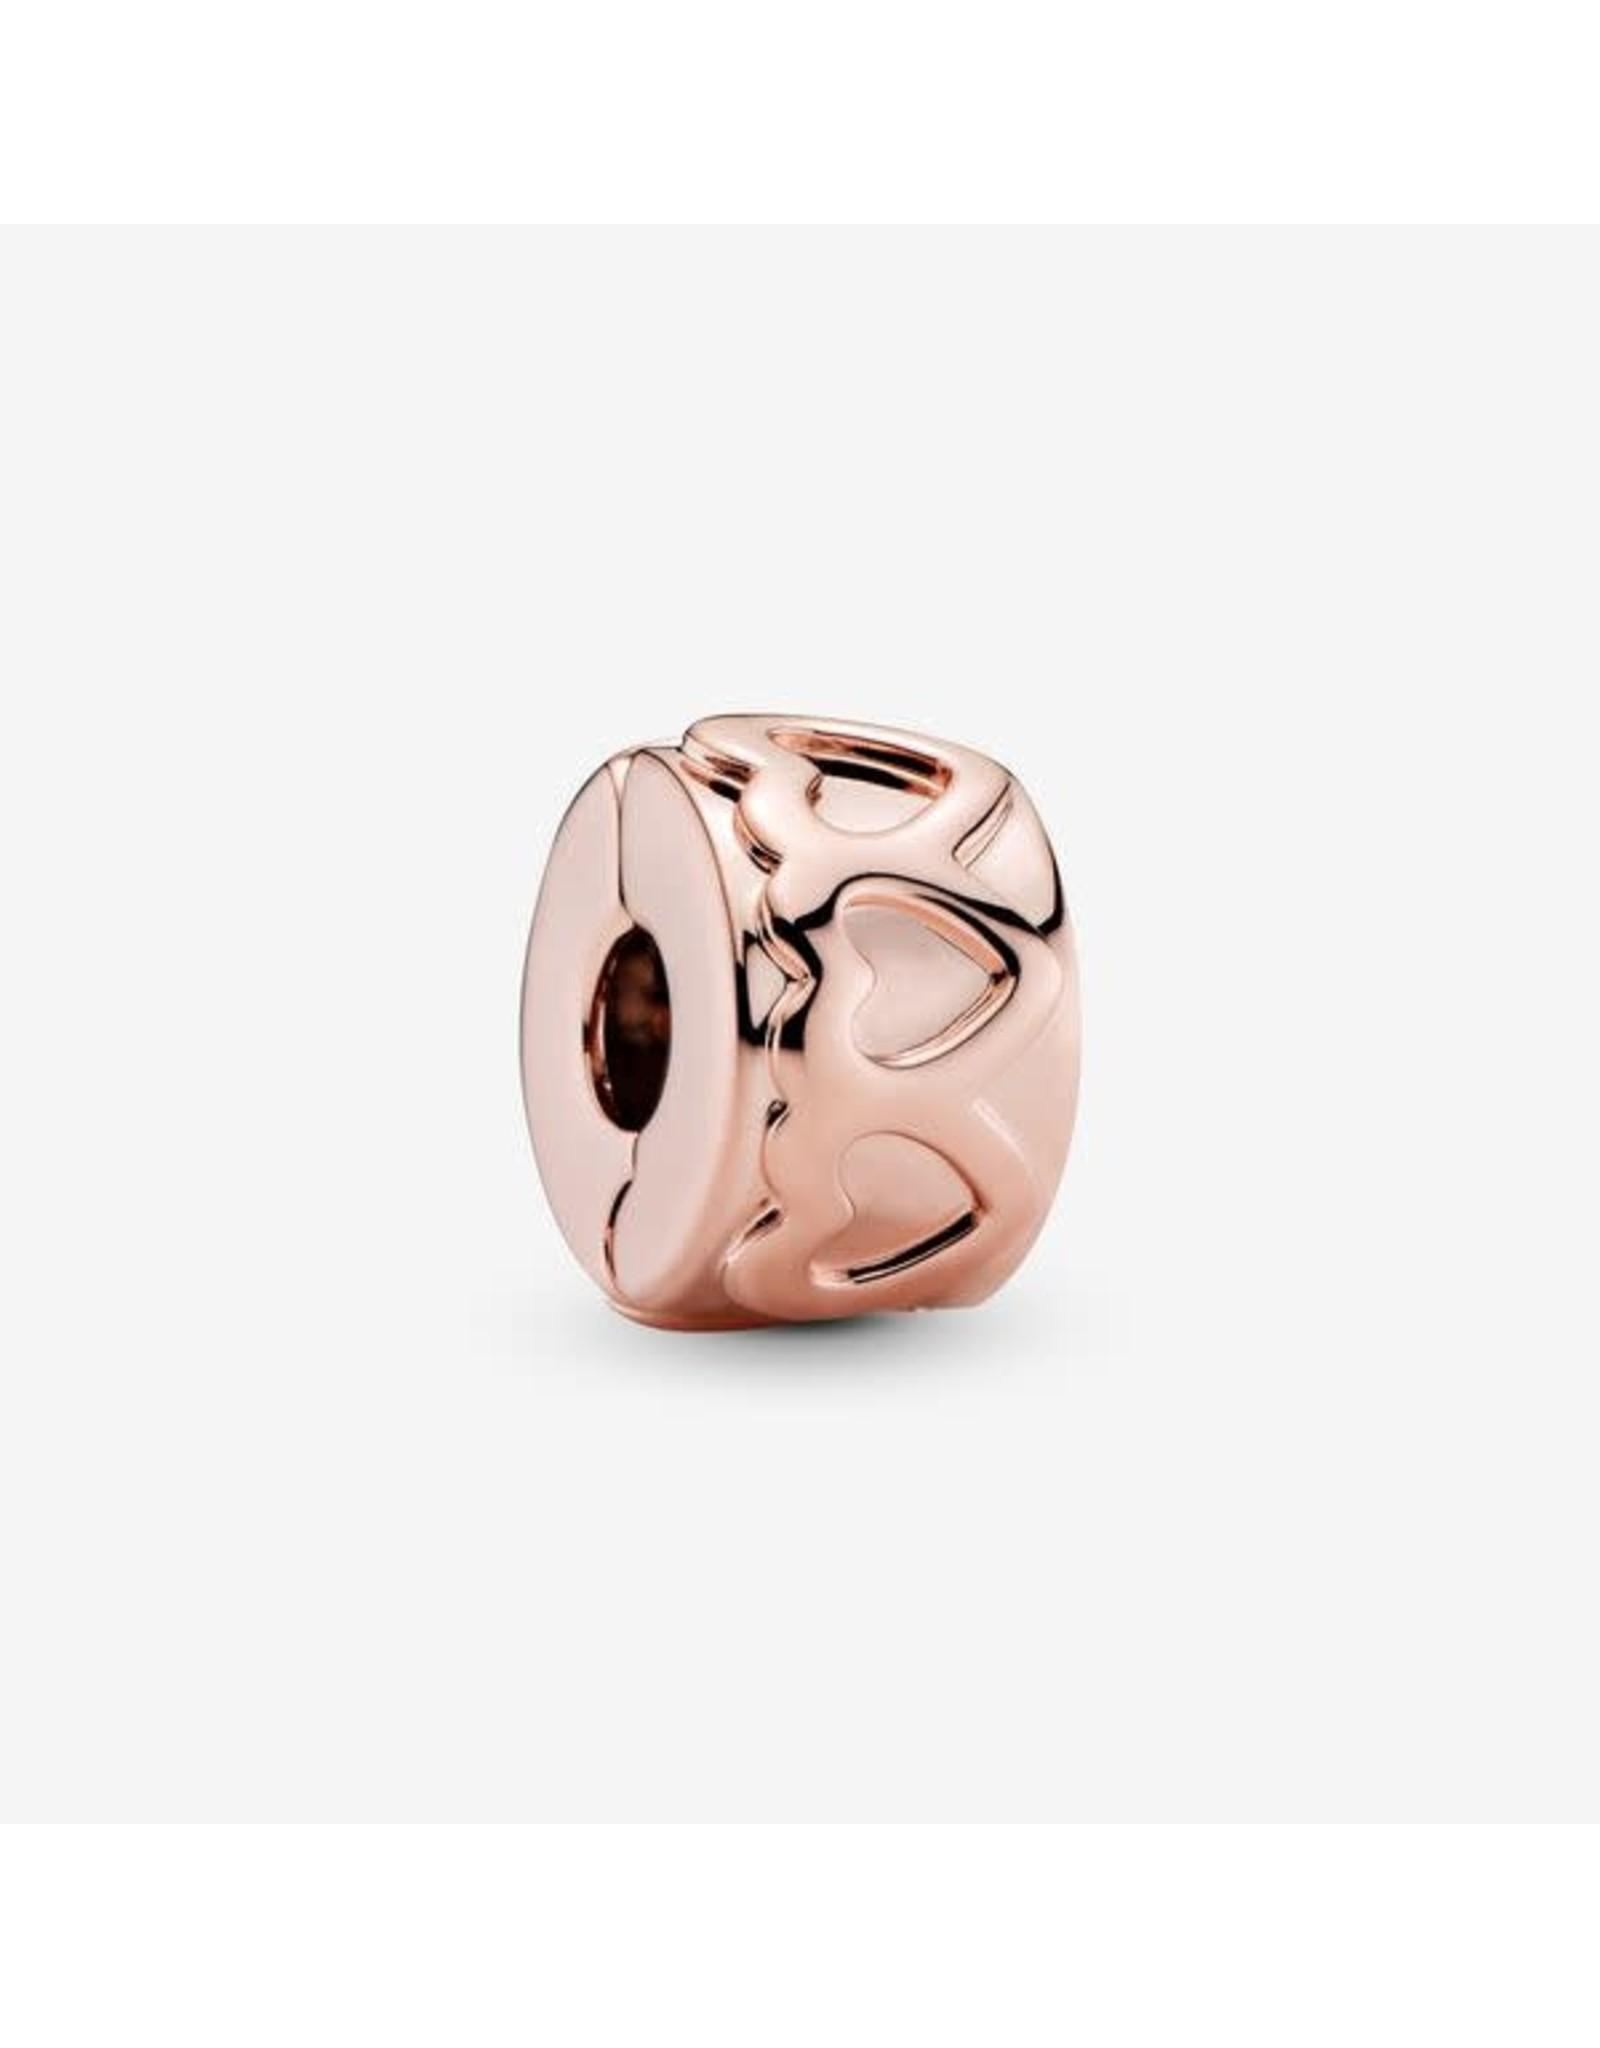 Pandora Pandora Clip,781978, Rose Gold, Row Of Hearts